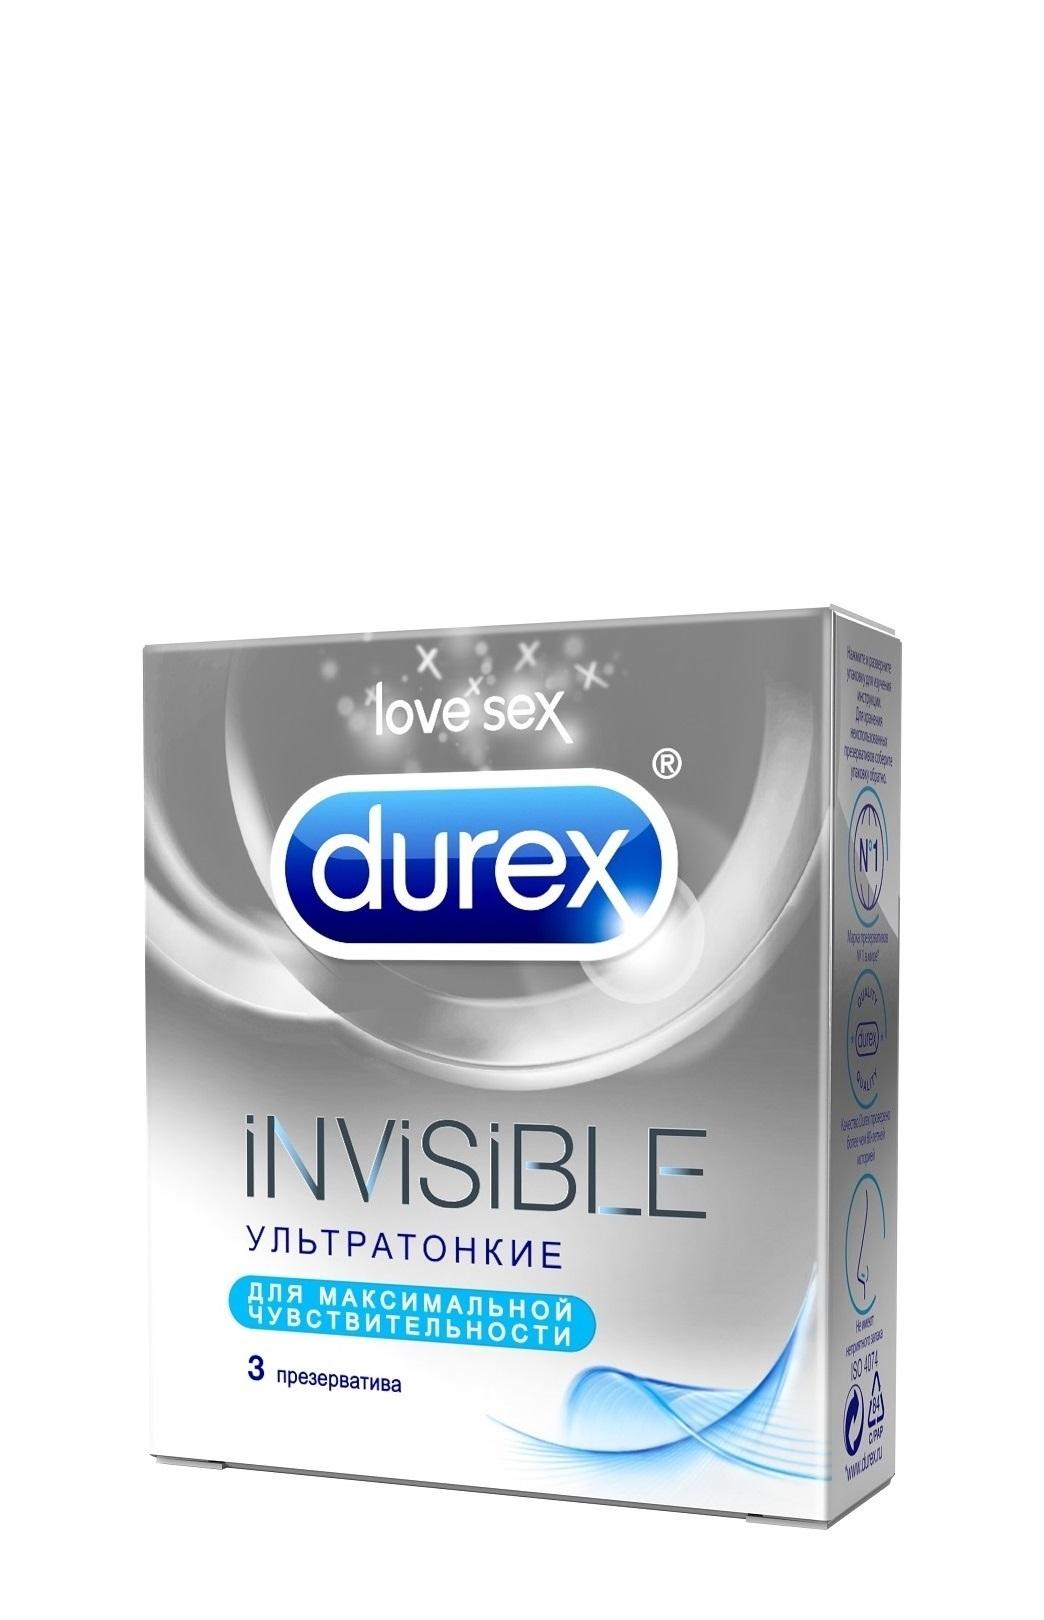 Durex Invisible Презервативы ультратонкие для максимальной чувствительности, 3 шт siyi мужчин и женщины с вагинальной смазкой после анального секса апелляционного суда паллиативных смазок для мужчин 120мли